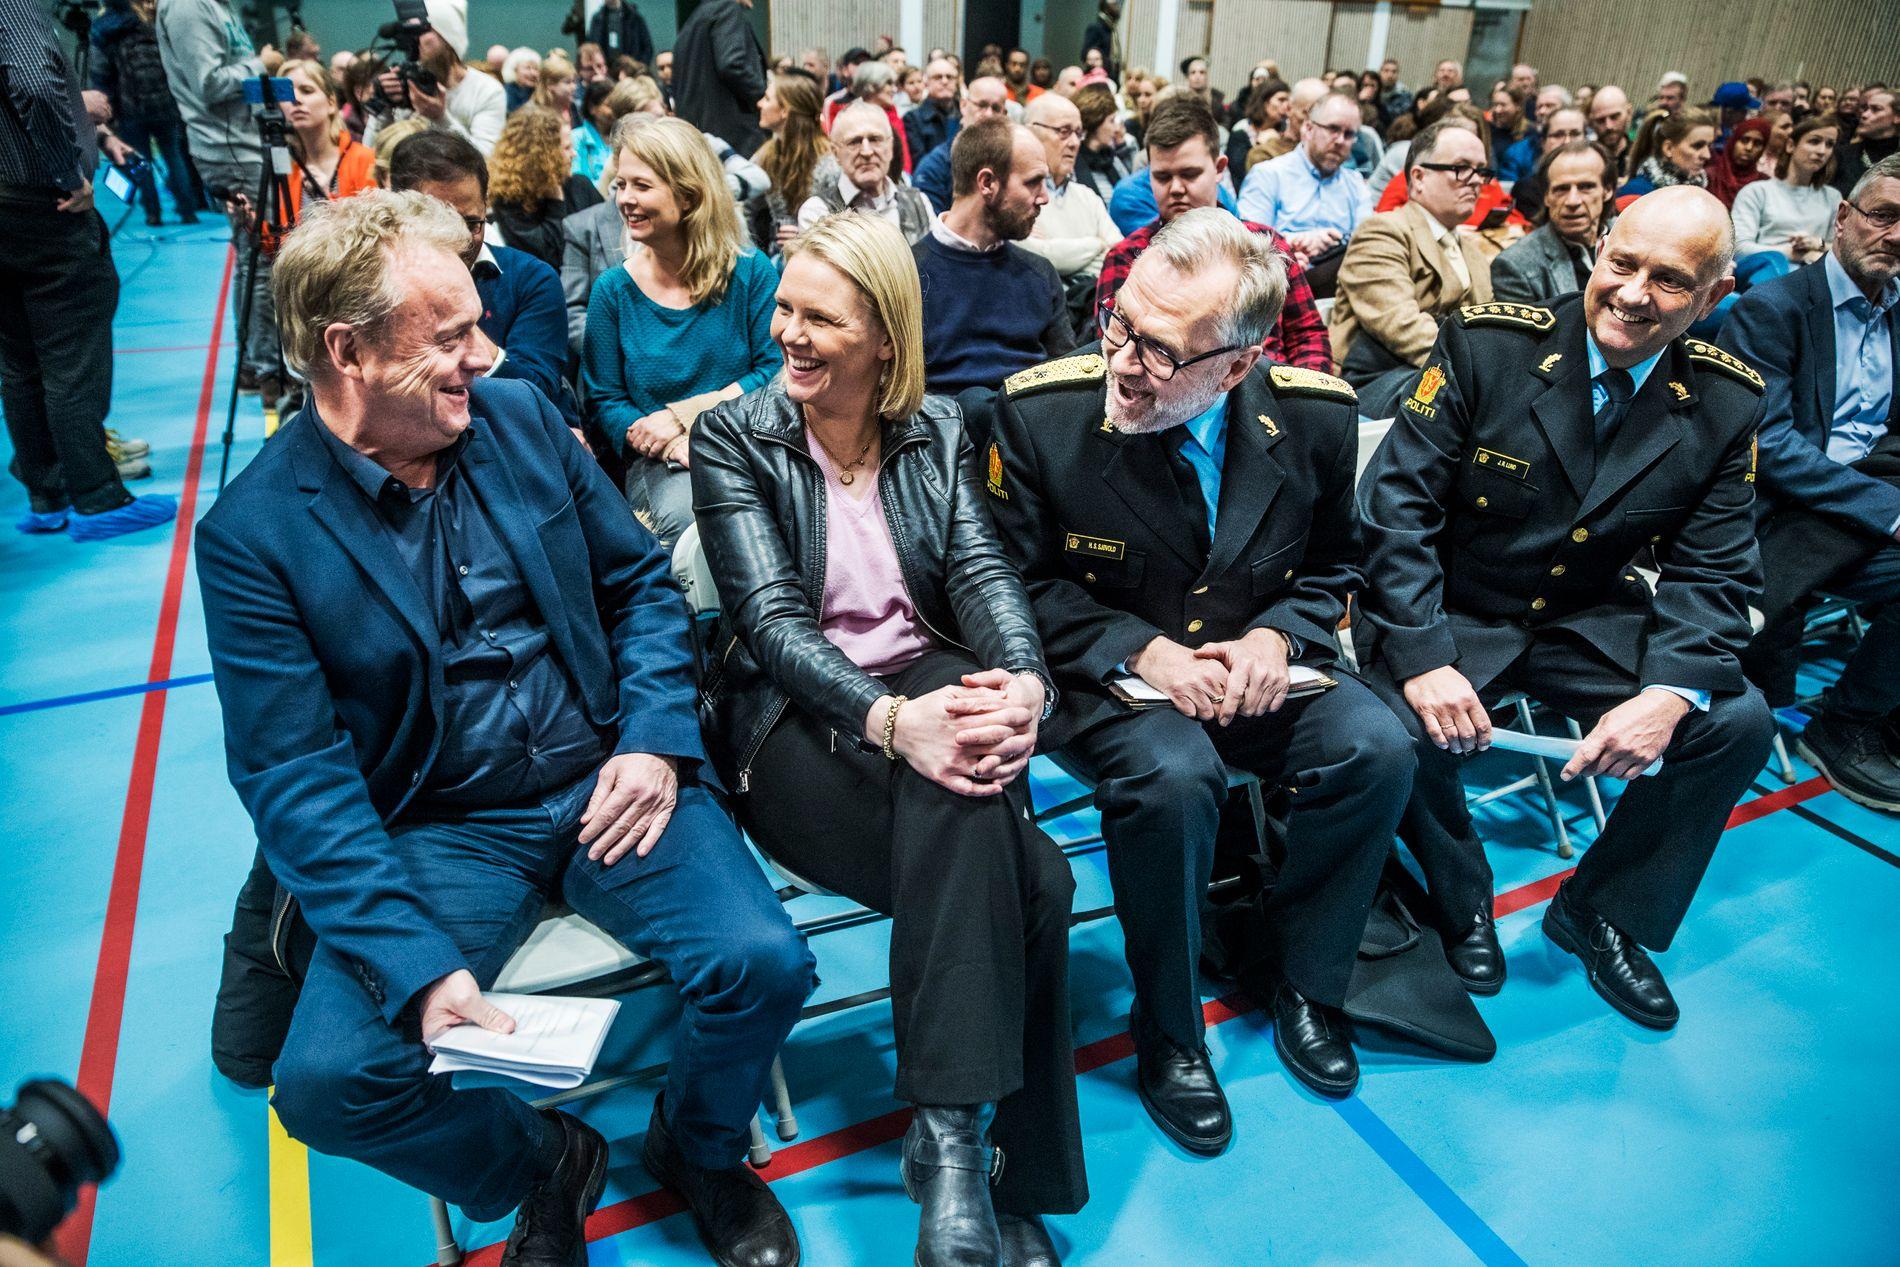 FOLKEMØTE: Byrådsleder Raymond Johansen og Justisminister Sylvi Listhaug deltok tirsdag kveld på et folkemøte på Holmlia. Møtet handlet om problemer med gjengkriminalitet i området.